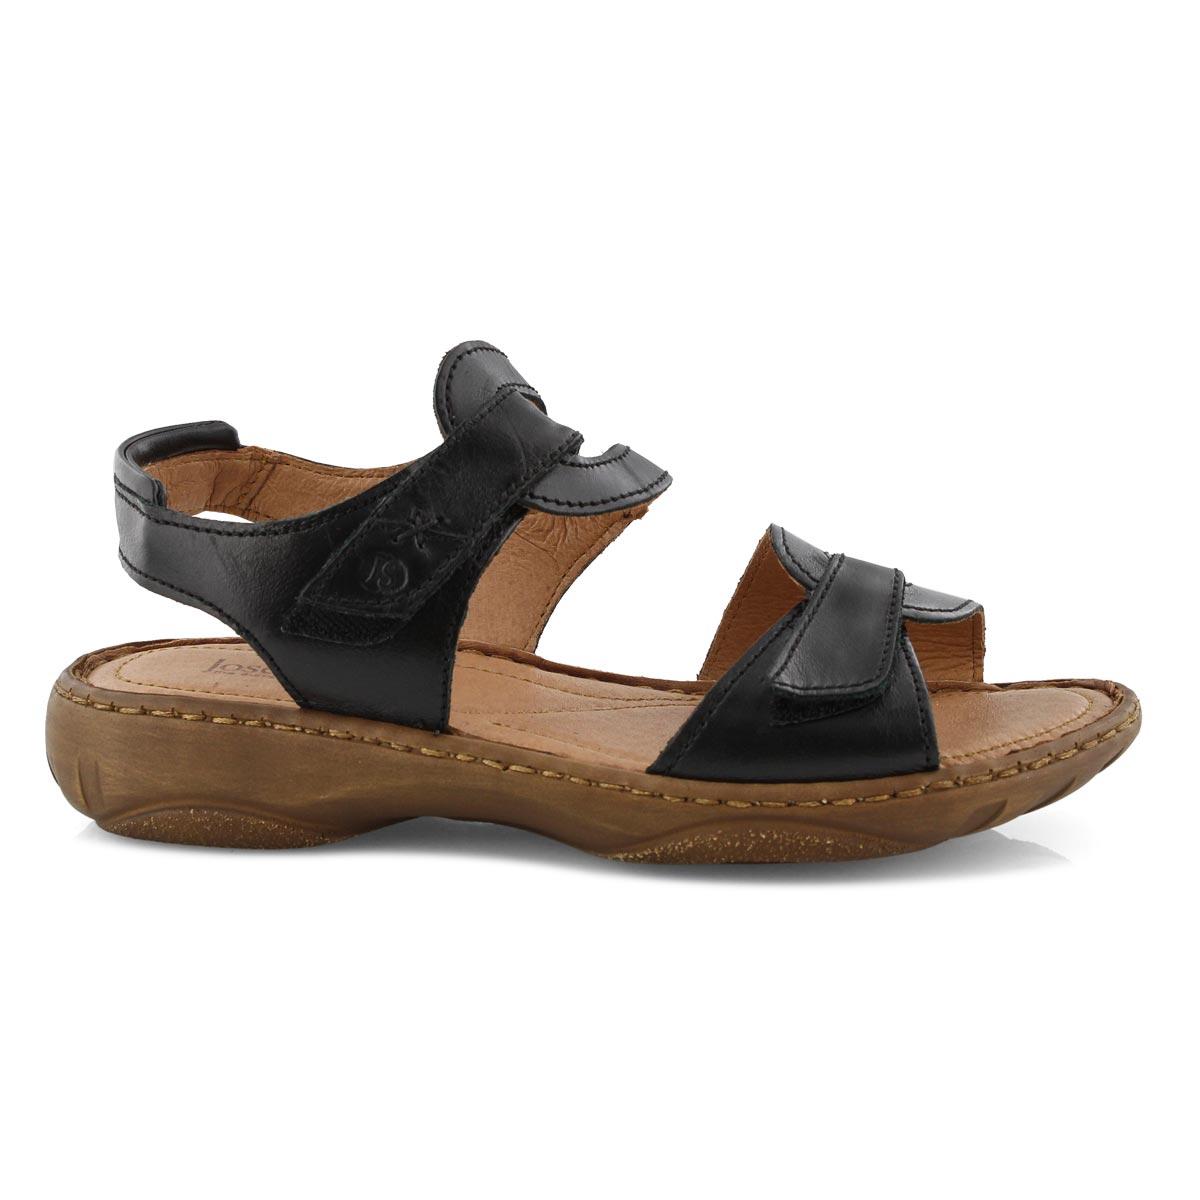 Lds Debra 39 black casual 2 strap sandal